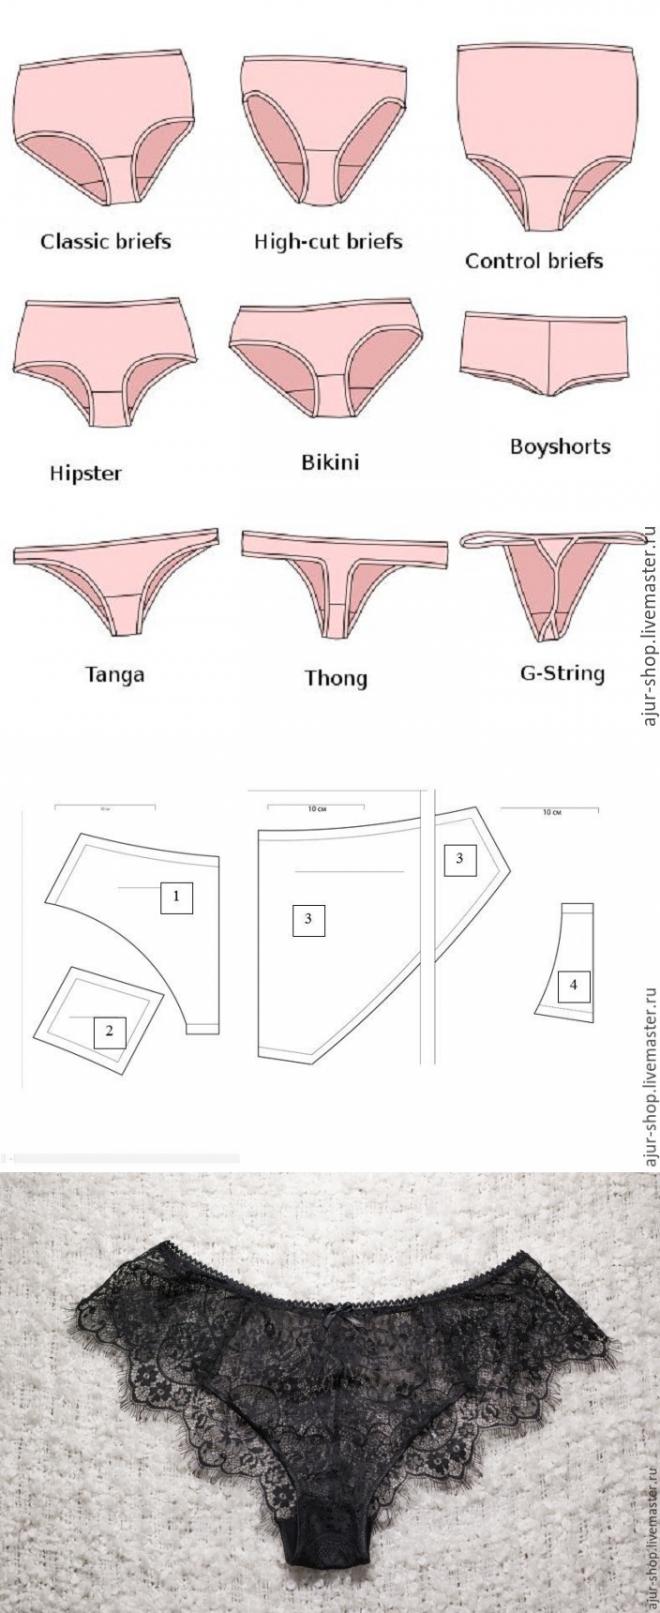 Как сшить комплект кружевного нижнего белья пластины для стирки гринвей женского белья